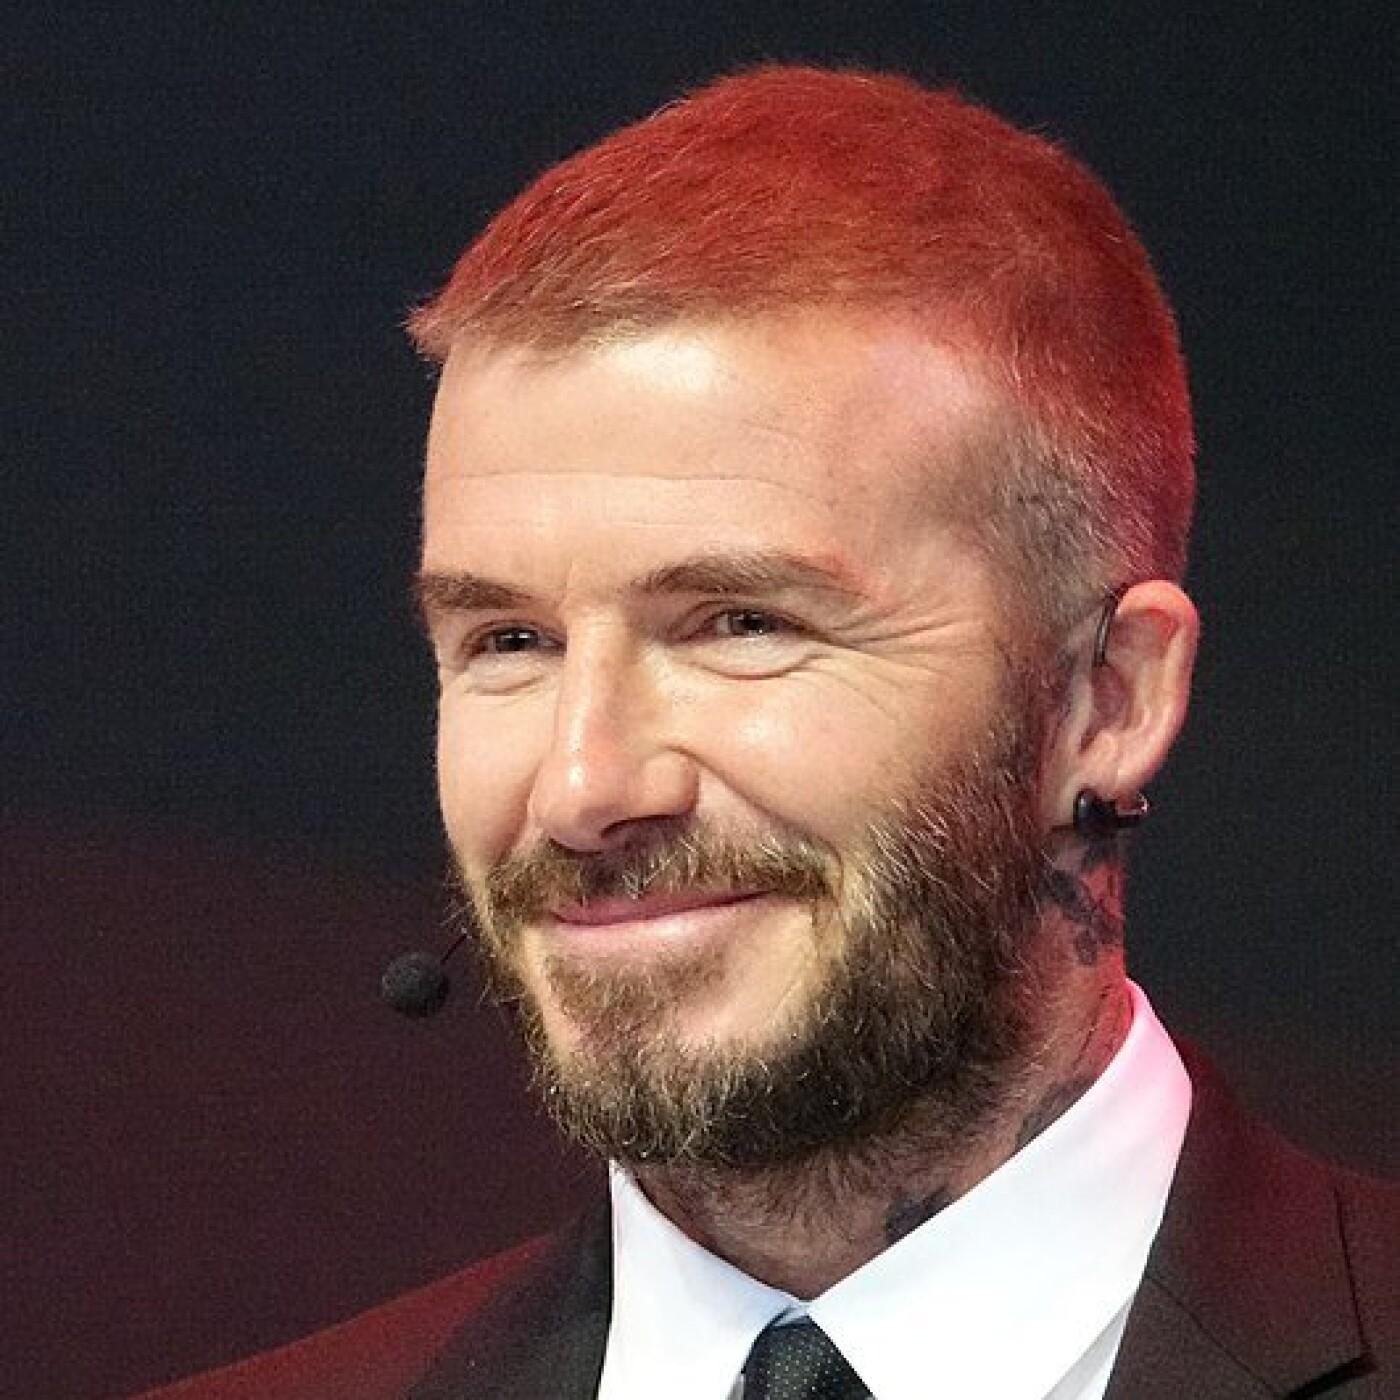 David Beckham visage du Qatar pour la prochaine coupe du Monde